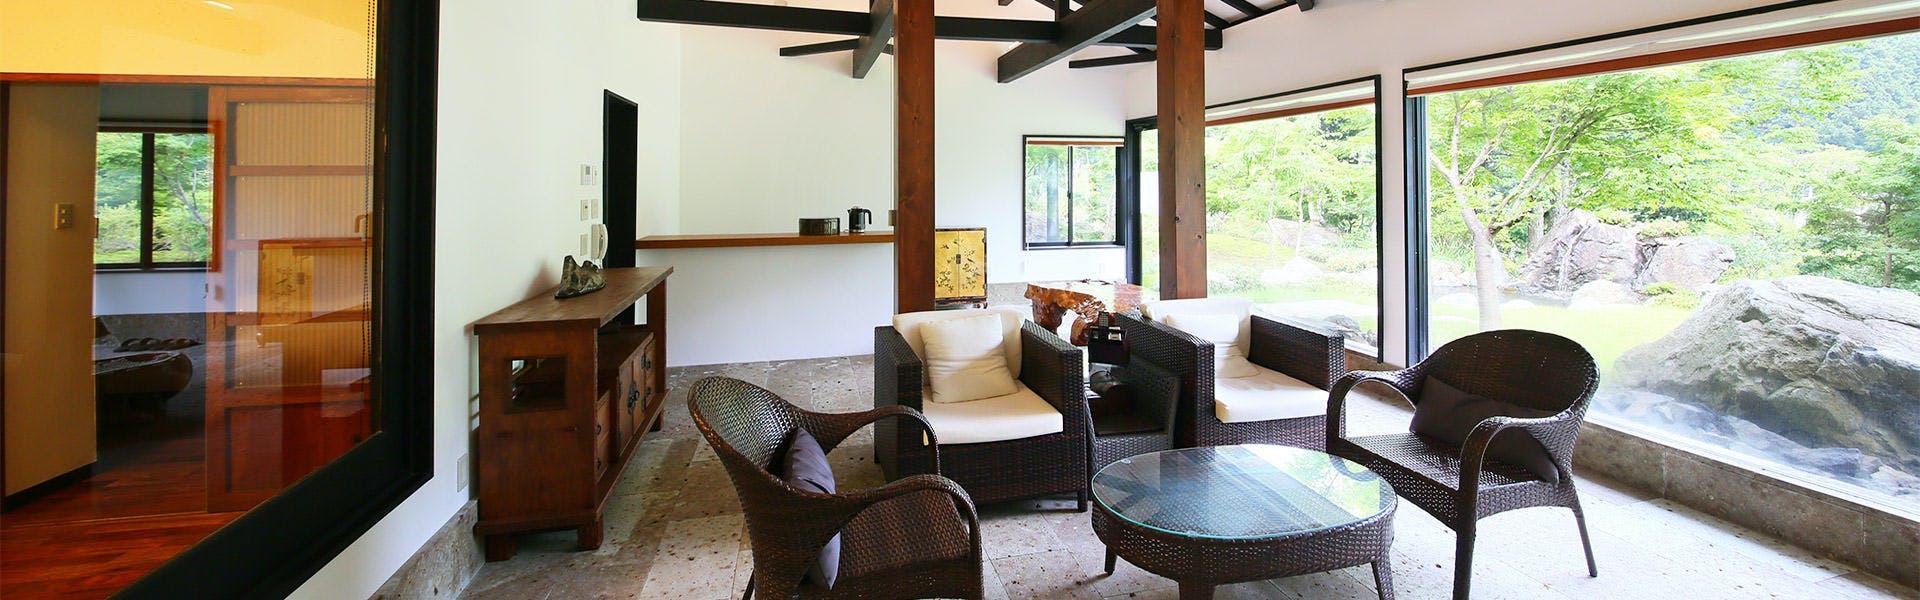 記念日におすすめのホテル・川場温泉 清流の里 錦綉山荘の写真1